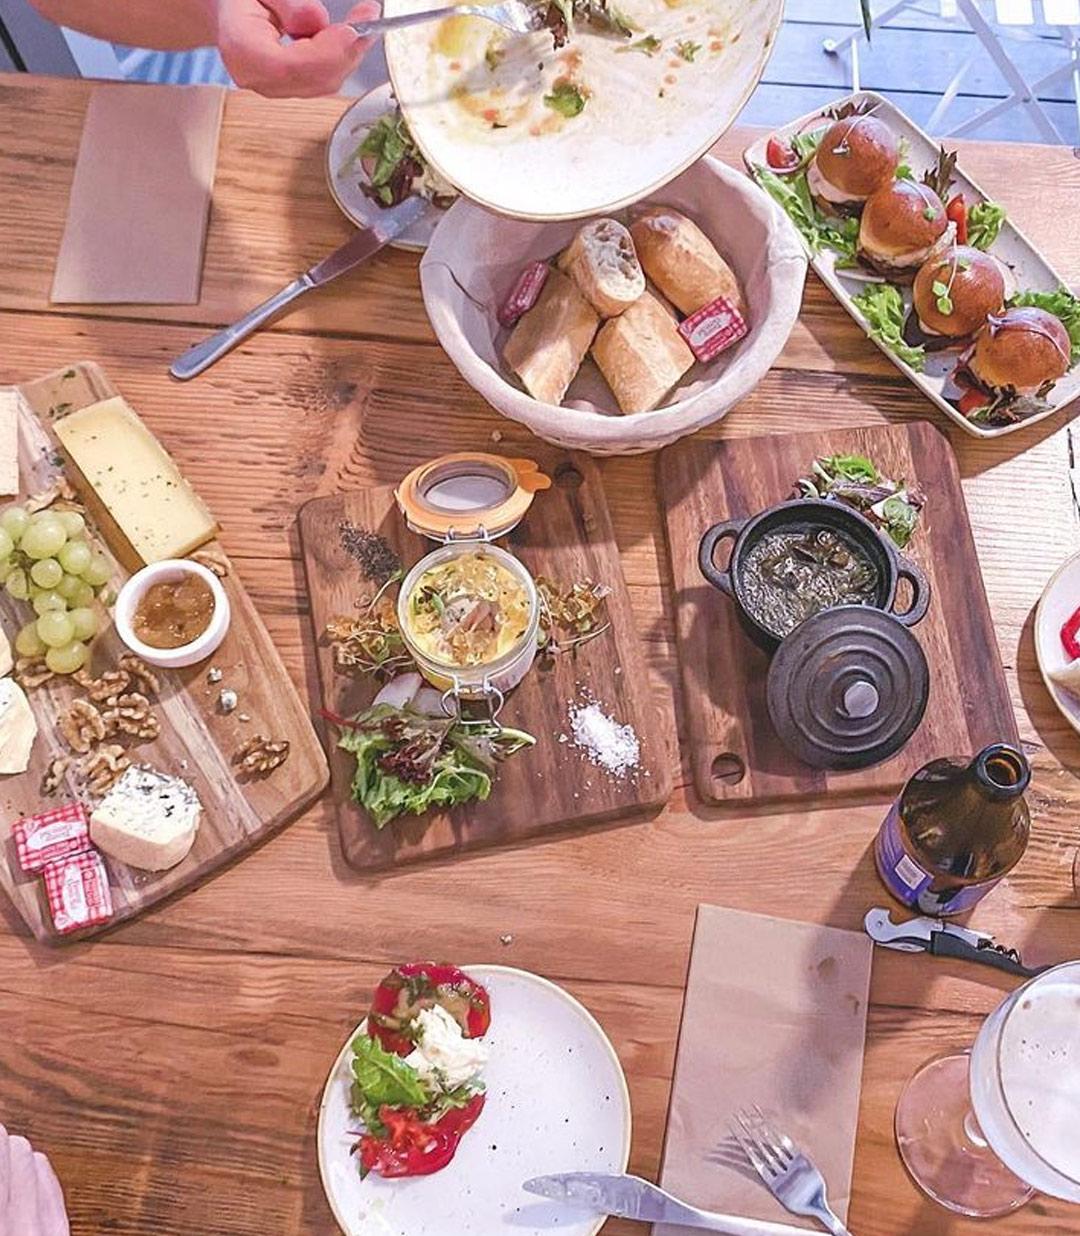 Food Menu at Dee Why Cafe